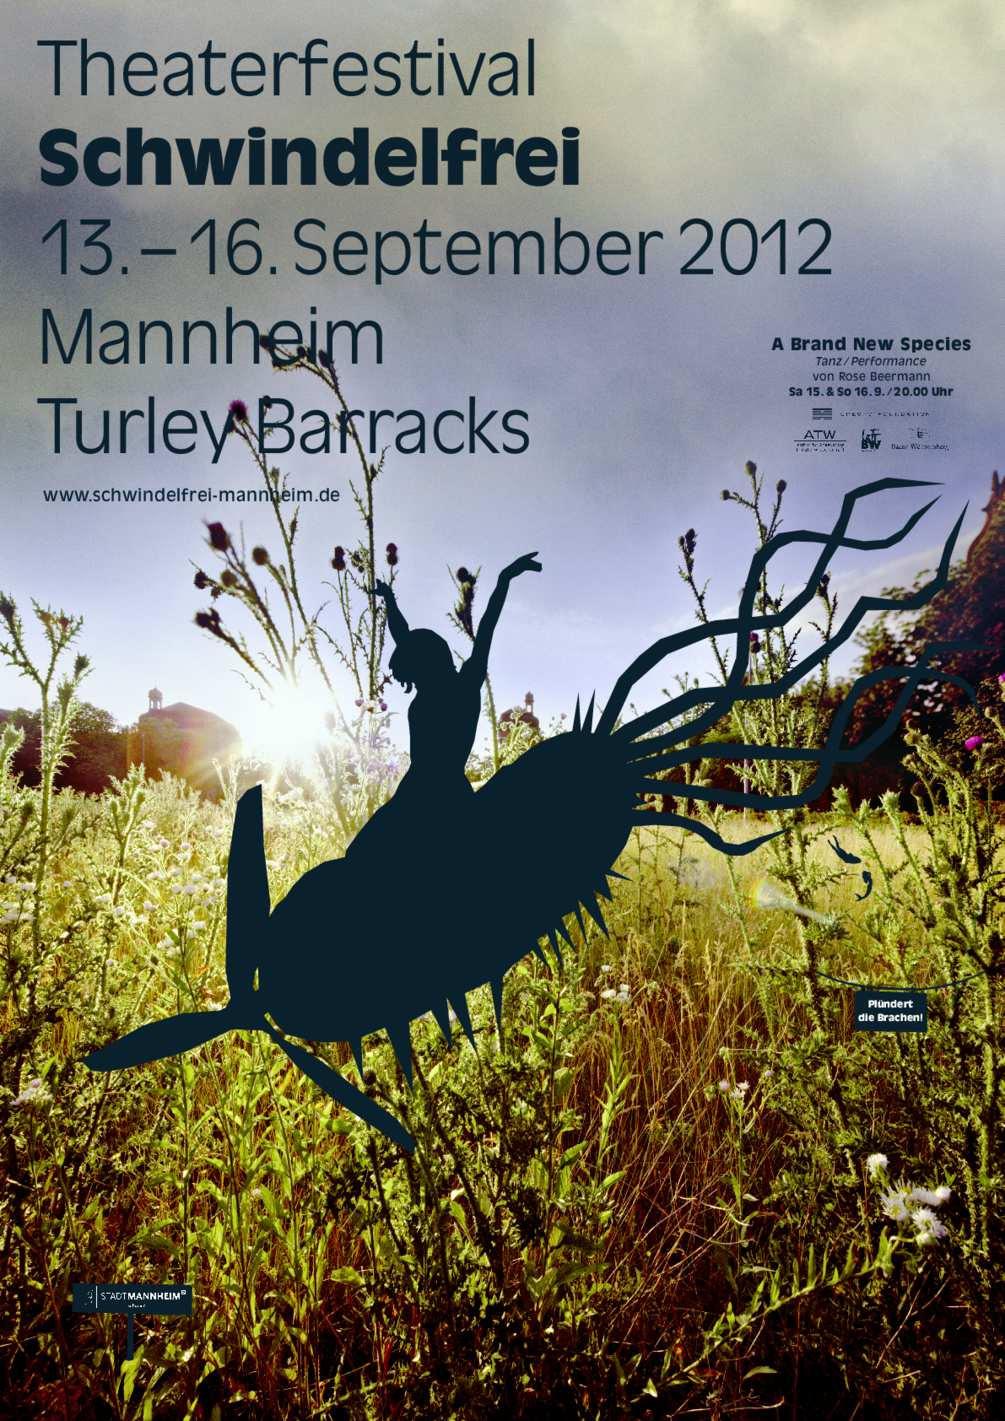 theater-festival-schwindelfrei-poster-03-1005x1421px